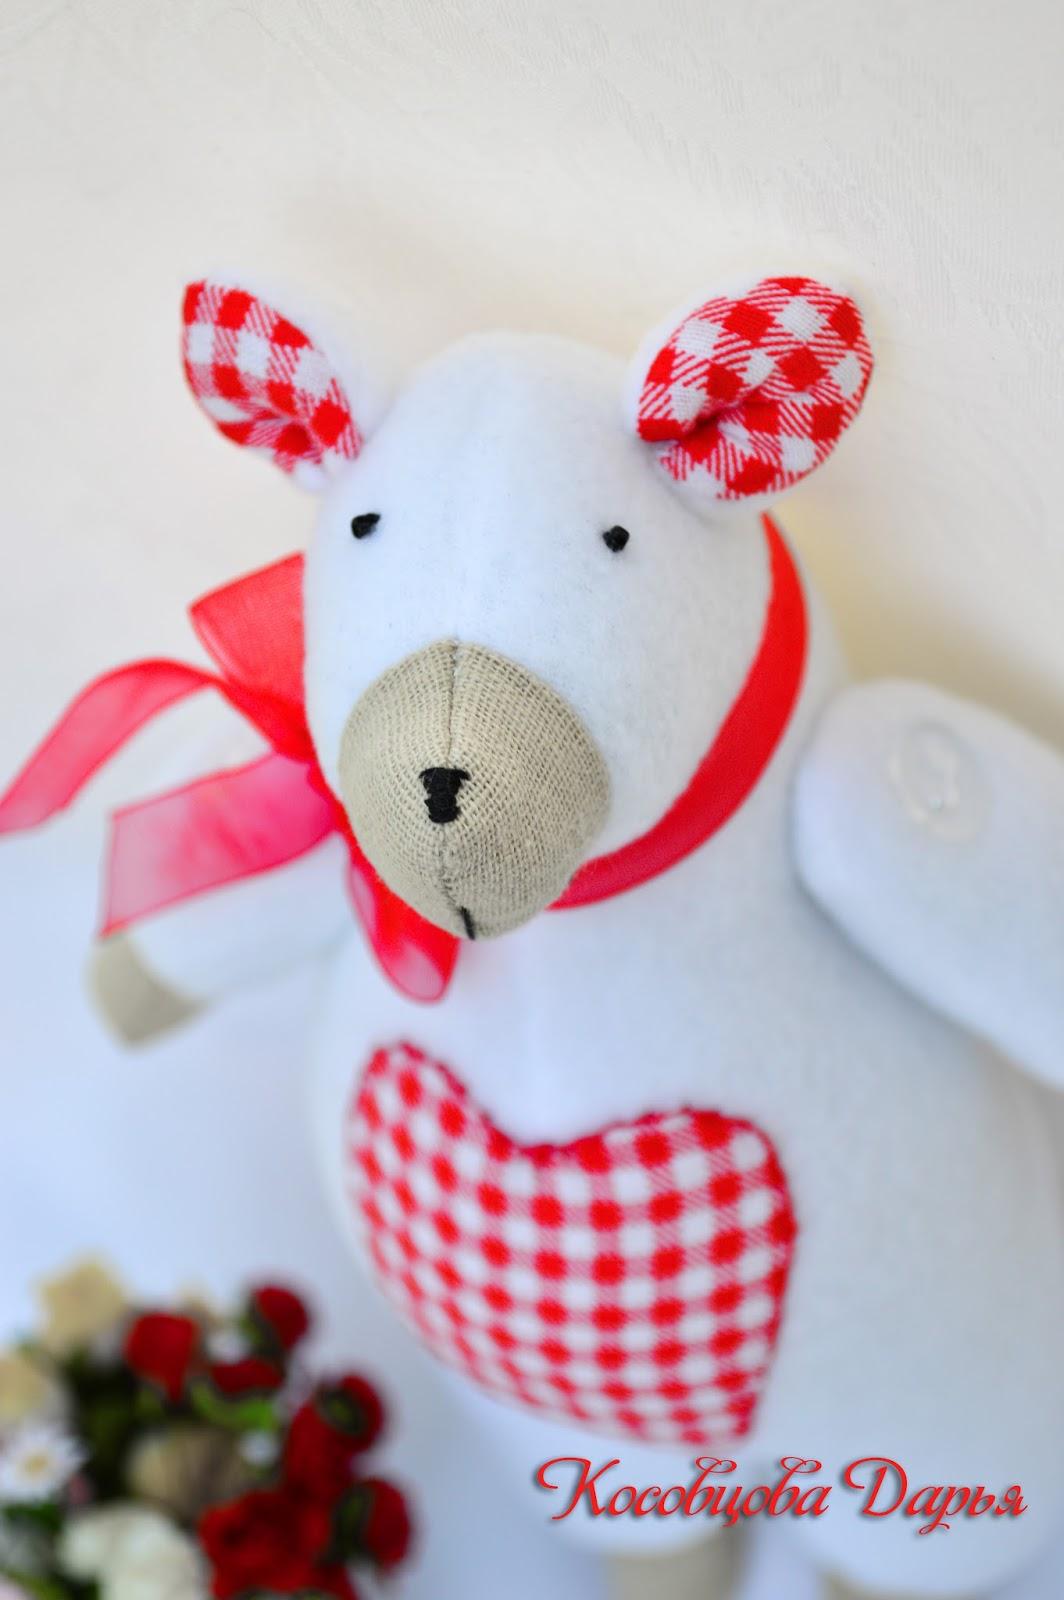 игрушки купить киев, ручная работа Киев, авторские зайцы Рыжий кот ручной работы, котик, кот Tilda, оранжевый кот, ручная работа, игрушки Киев  игрушки купить киев, ручная работа Киев, авторские зайцы, зайчики, зайцы пары, парочки, влюбленные зайцы Tilda, ручная работа, игрушки Киев, подарки на день рождения, подарок на свадьбу, свадебные зайчики, купить подарок ручной работы Киев  овечка, овцы, овечка игрушка, игрушки купить киев, ручная работа Киев, авторские игрушки, игрушка ручной работы, подарки на день рождения, игрушки для детей, купить подарок ручной работы Киев  игрушки купить киев, ручная работа Киев, авторские зайцы, зайчики, авторские зайцы, подарок на день рождения, заяц ручной работы, игрушка заяц ручной работы, Hand-made игрушки киев. Tilda, ручная работа, игрушки Киев, подарки на день рождения, подарок на свадьбу, подарок для детей hand-made , игрушка для ребенка заяц, украинские игрушки для детей.   игрушки купить киев, ручная работа Киев, авторские зайцы, дракон, дракоша из флиса, авторские игрушки, подарок на день рождения ручная работа, игрушки Киев, подарки на день рождения, подарок на свадьбу, подарок для детей, игрушка для ребенка, украинские игрушки для детей, текстильный дракон, дракон   игрушки купить киев, ручная работа Киев, авторские зайцы, игрушки из ткани, лавандовые игрушки, авторские игрушки, подарок на день рождения ручная работа, игрушки Киев, подарки на день рождения, подарок на свадьбу, подарок для детей, игрушка для ребенка, украинские игрушки для детей, текстильный лавандовые звери, мишка с лавандой, слон с лавандой. Лавандовые текстильные игрушки    игрушки купить киев, ручная работа Киев, авторские зайцы, слоник Тильда, слон tilda, подарок на день рождения, заяц ручной работы, игрушка заяц ручной работы, Hand-made игрушки киев. Tilda, ручная работа, игрушки Киев, подарки на день рождения, подарок на свадьбу, подарок для детей hand-made , игрушка для ребенка заяц, украинские игрушки для детей.